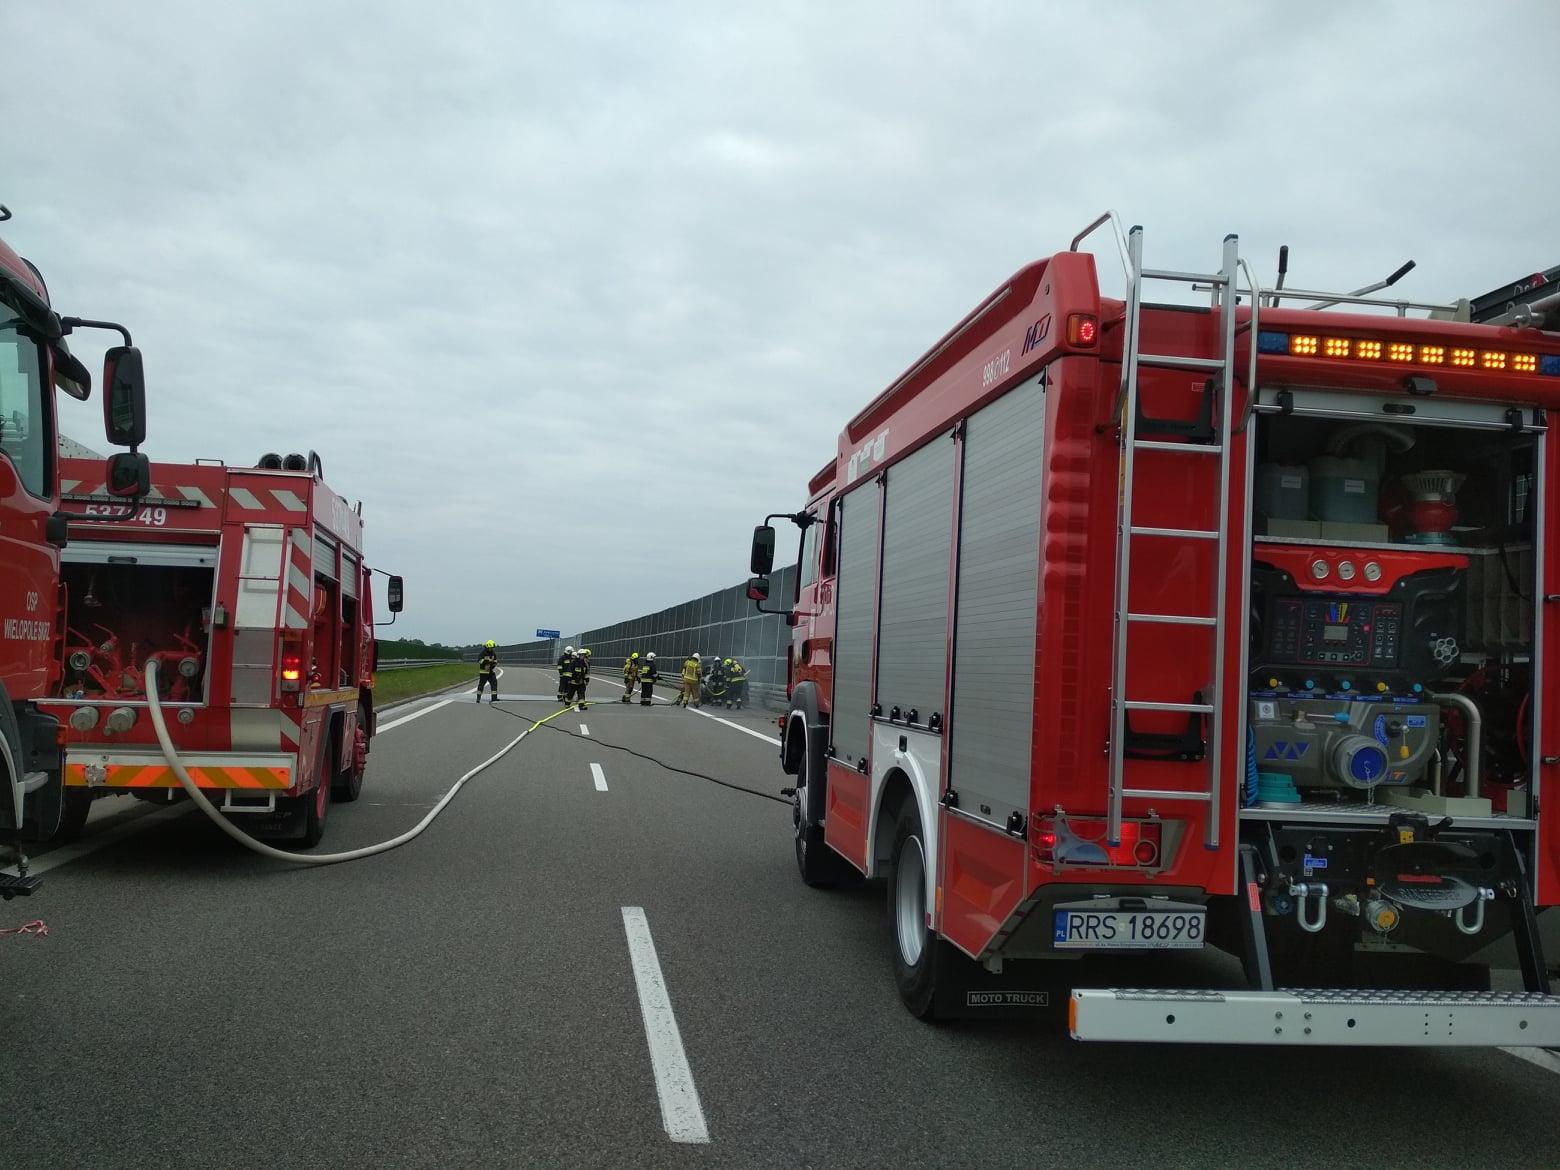 Uwaga kierowcy! Zablokowana autostrada A4 w kierunku Krakowa! [ZDJĘCIA] - Zdjęcie główne